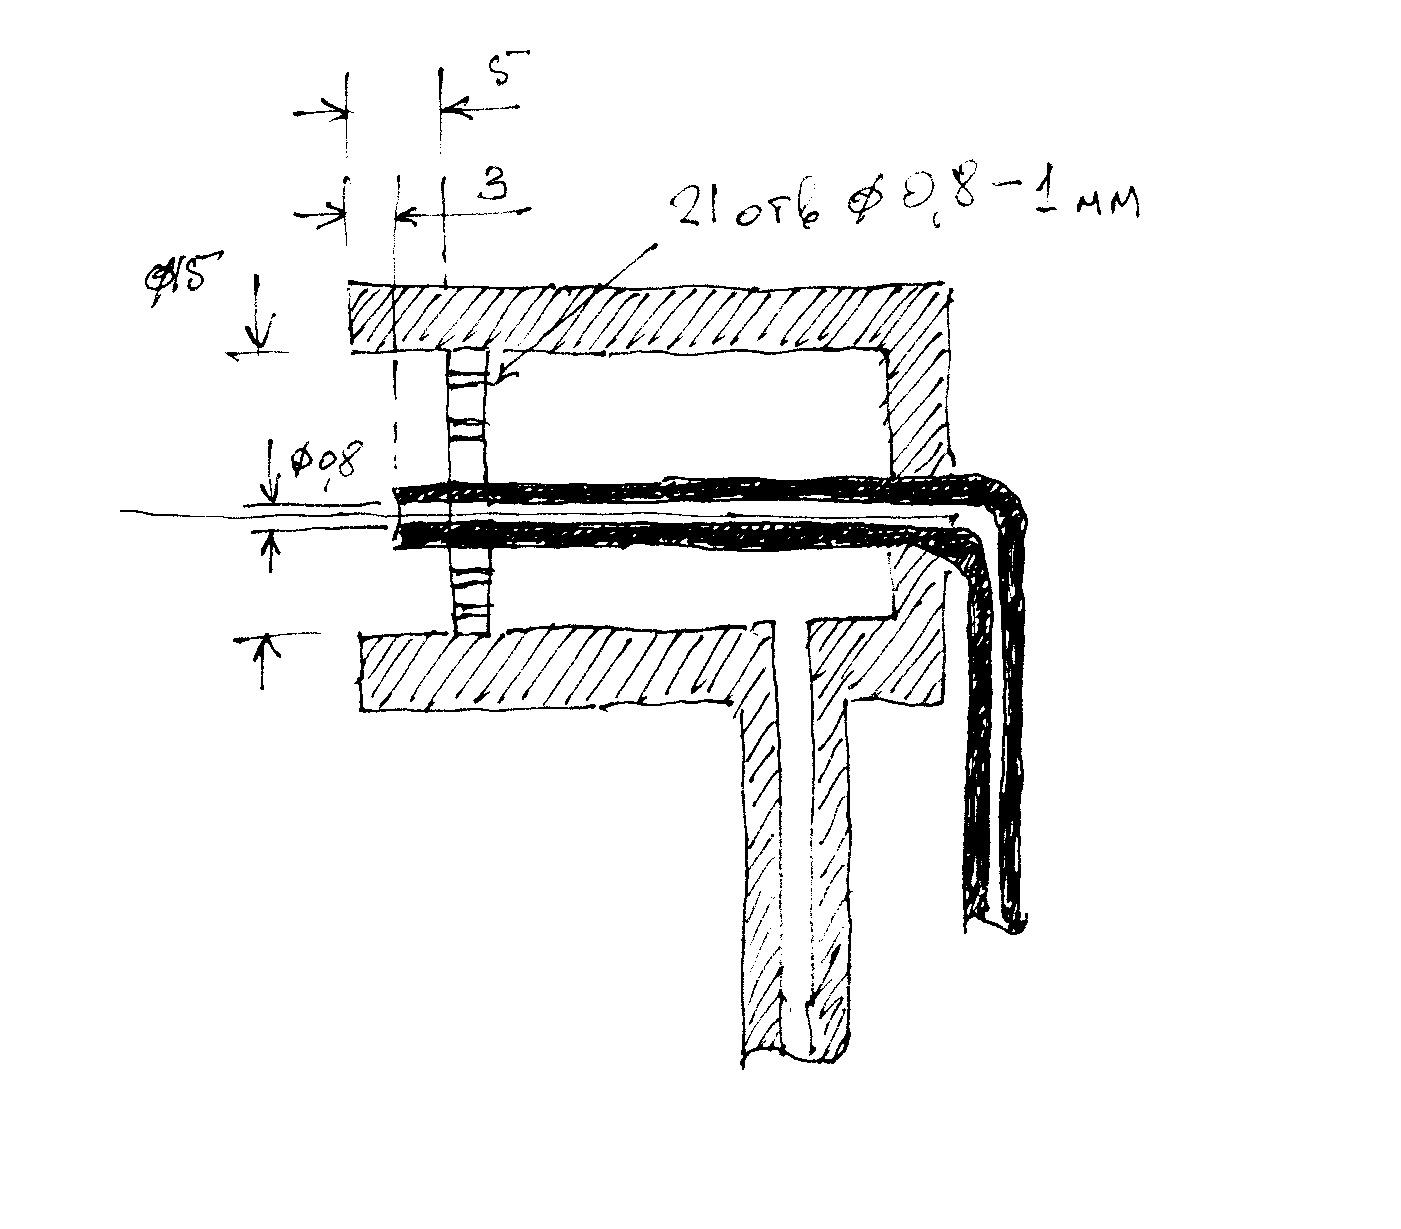 чертеж схема пробкового крана с размерами